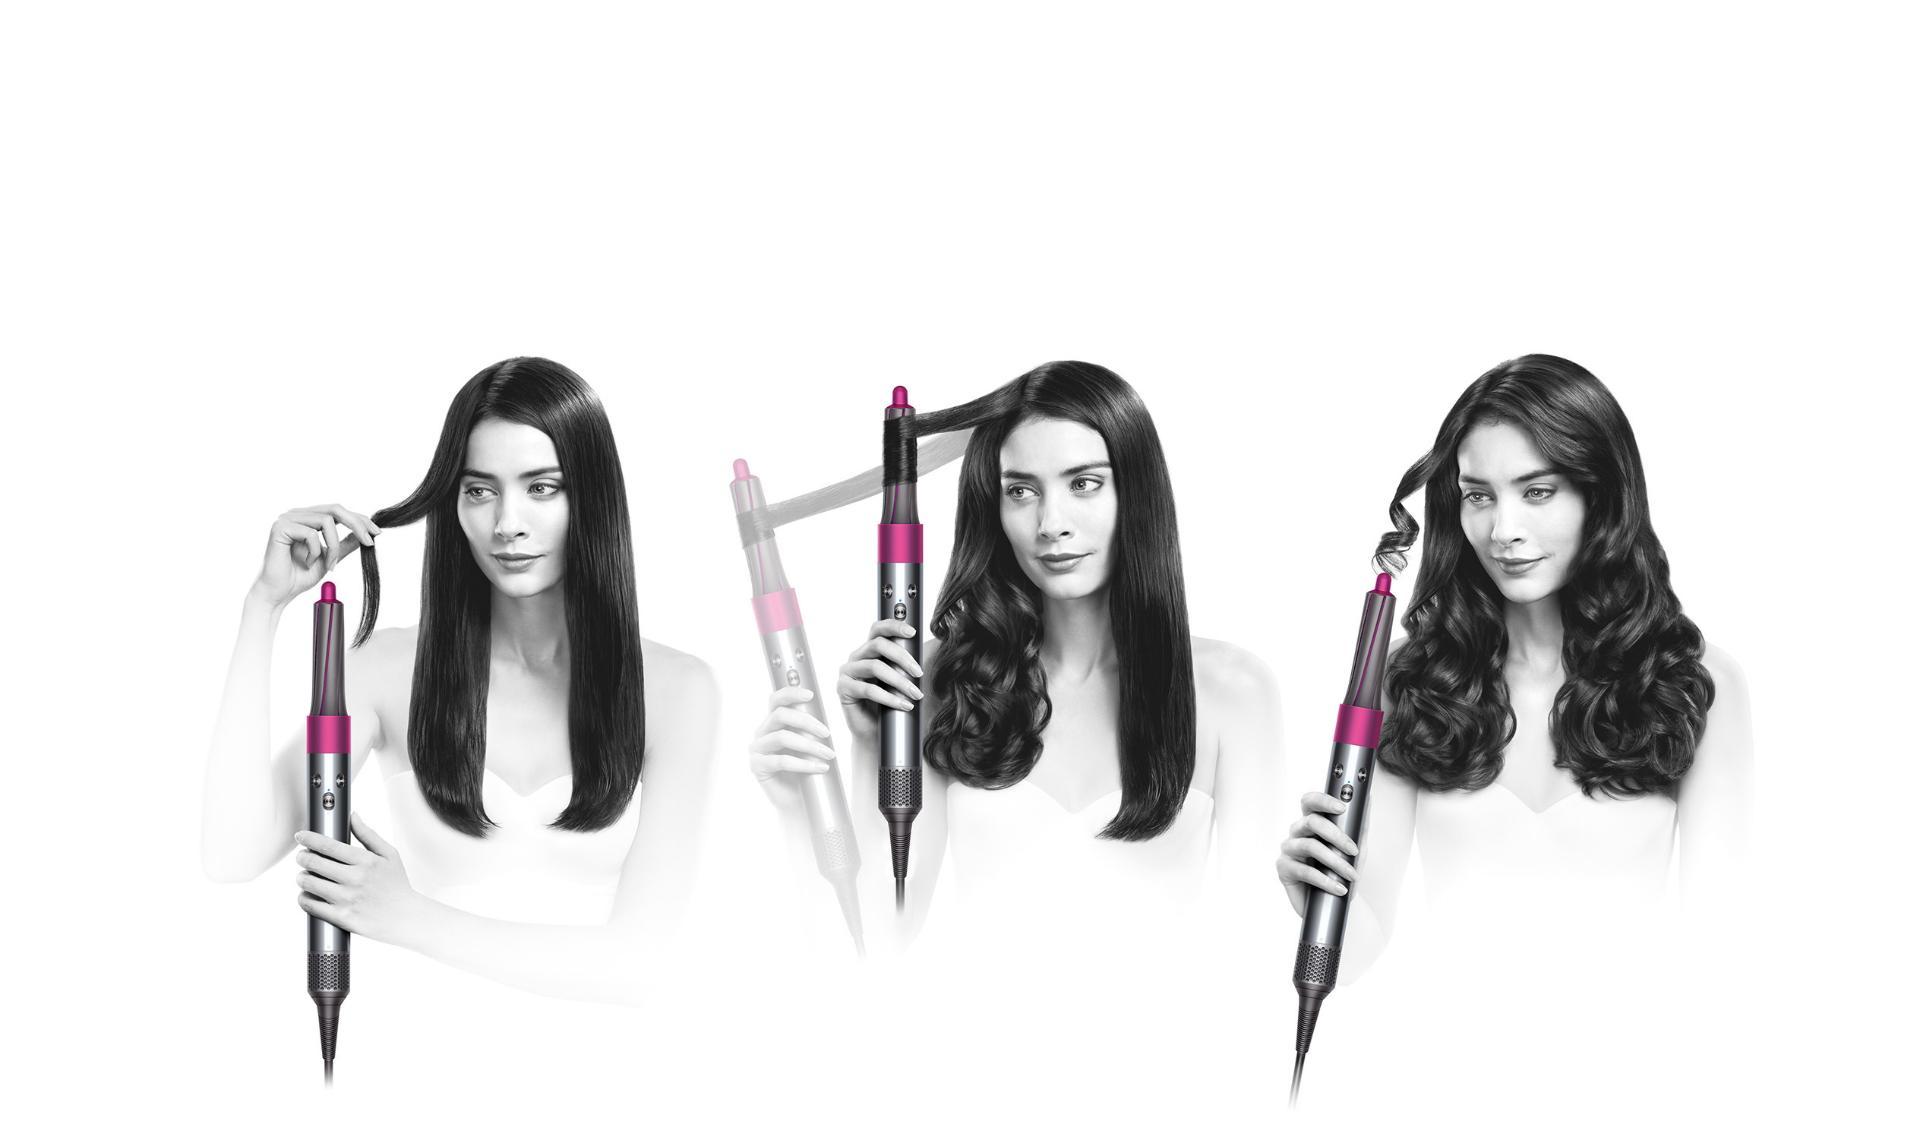 נגן את הסרטון:כדי לדעת כיצד לסלס את השיער שלך עם מעצב השיער dyson airwrap